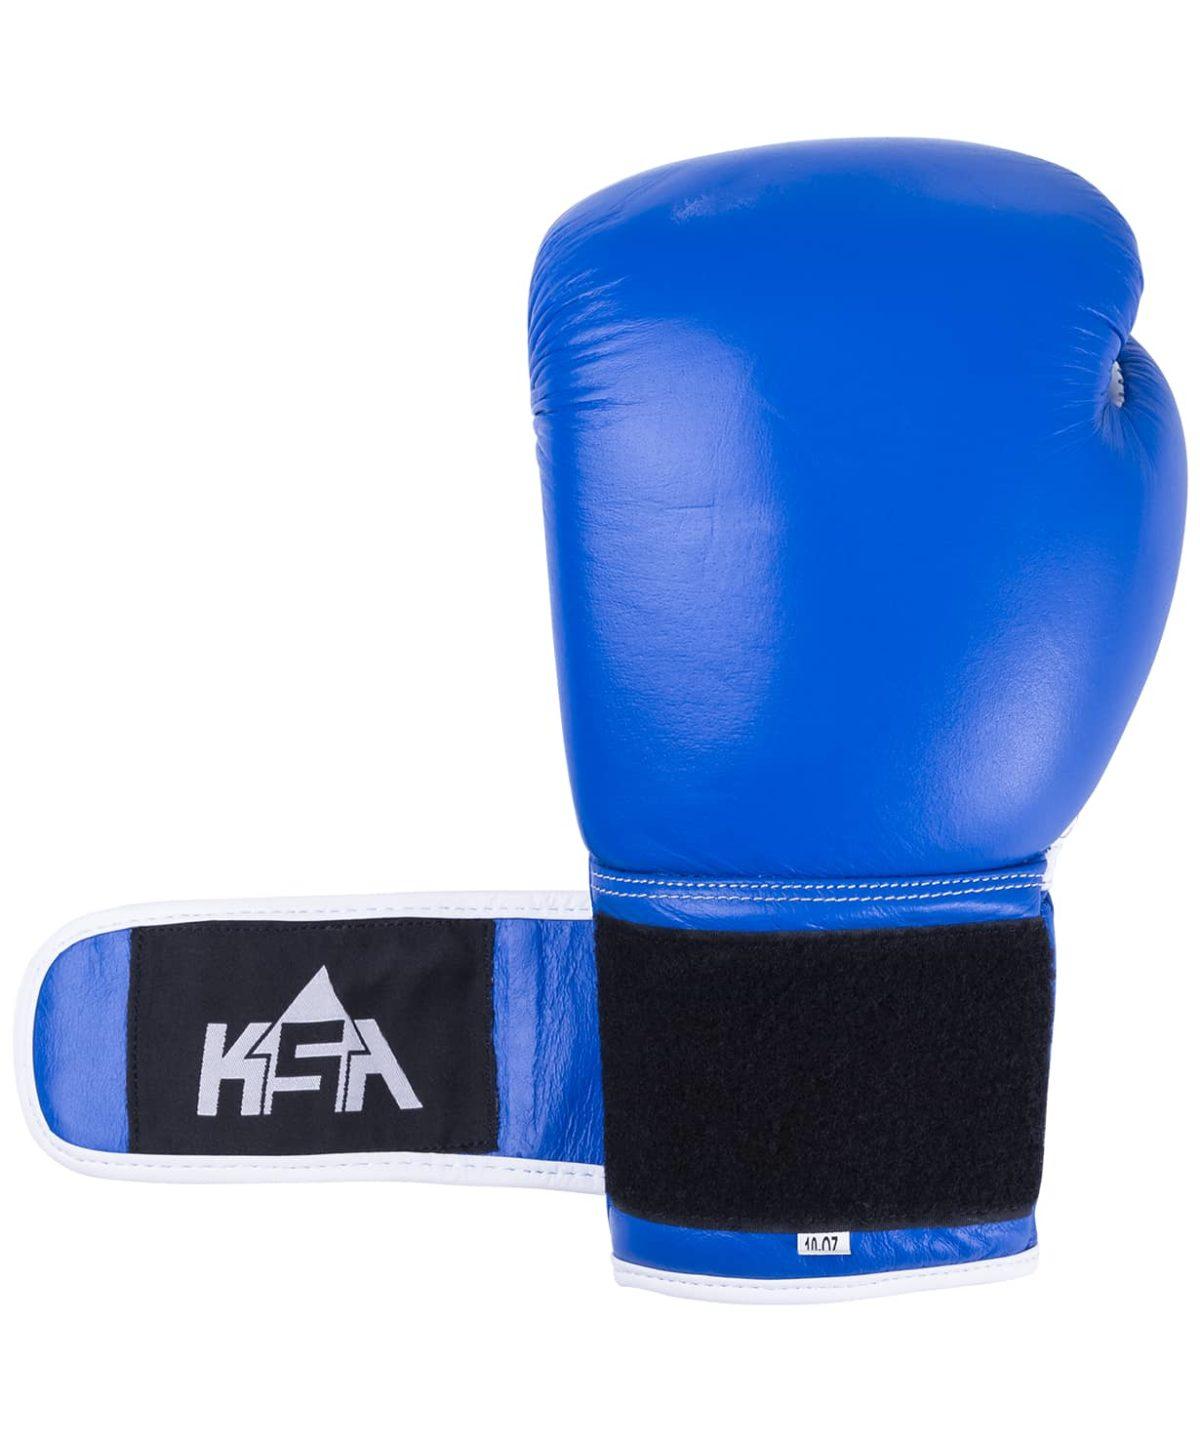 KSA Wolf Blue Перчатки боксерские, 10 oz, кожа 17830: синий - 4